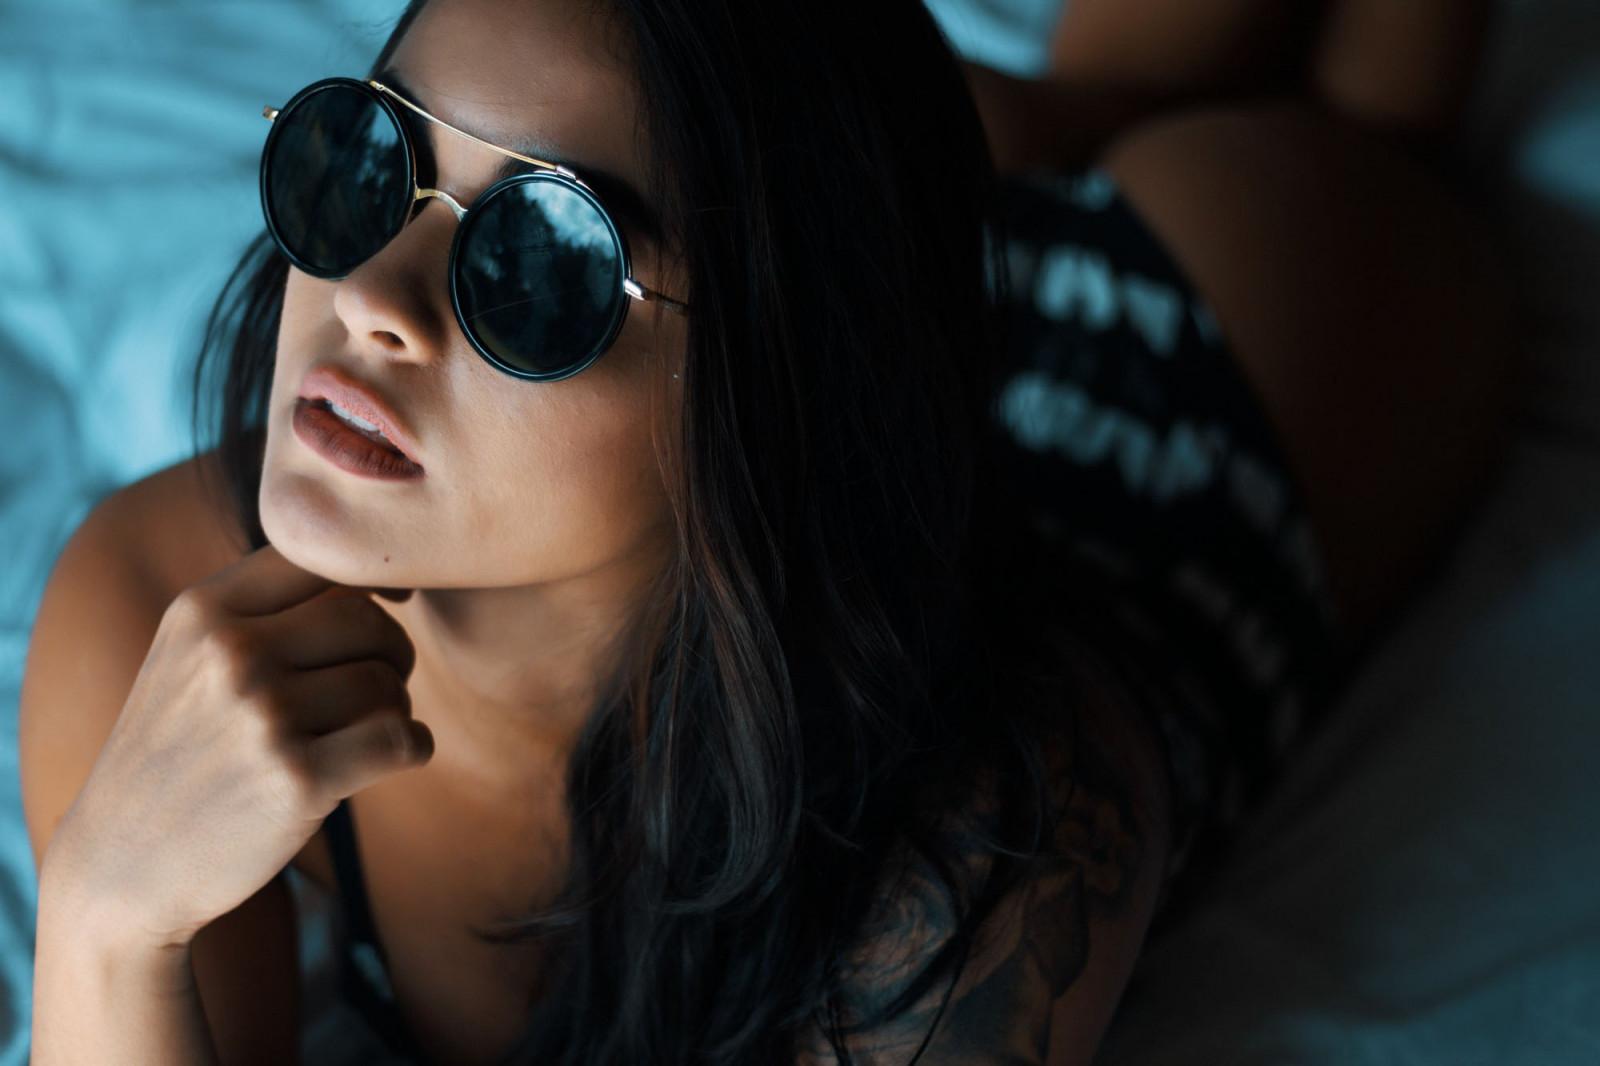 Фото девушек брюнеток в очках на аву в одноклассники